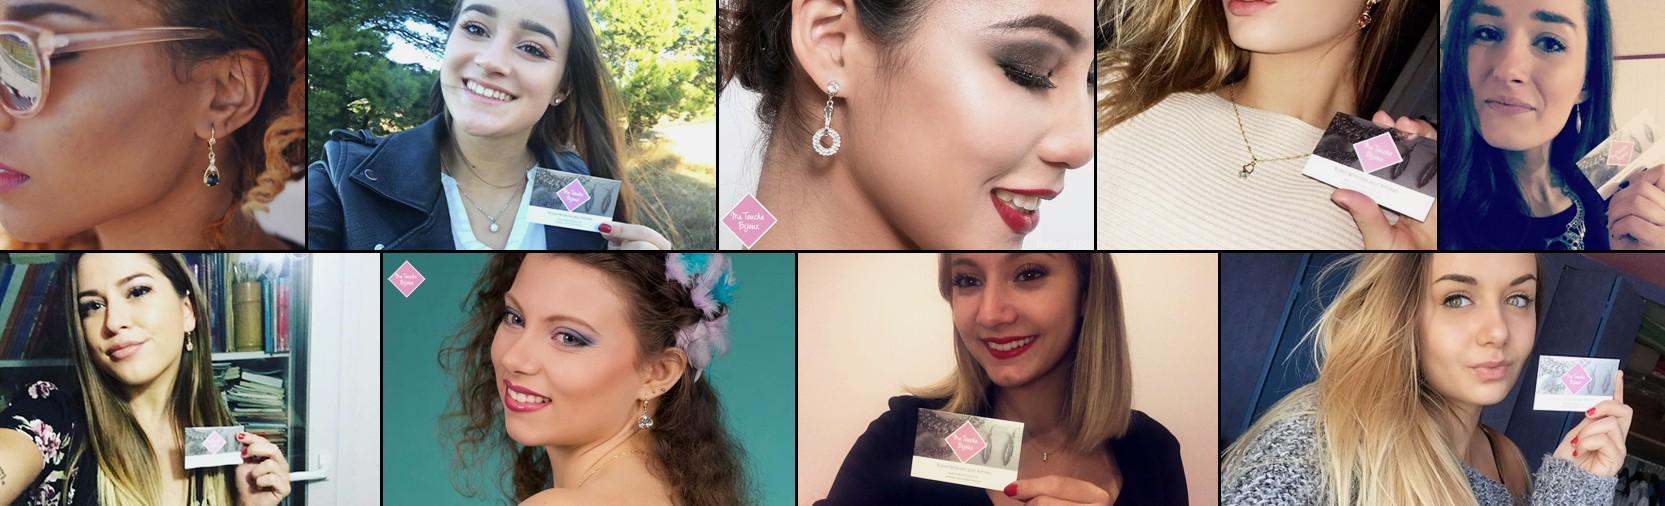 Ma Touche Bijoux, la boutique en ligne avec des bijoux et accessoires tendance!